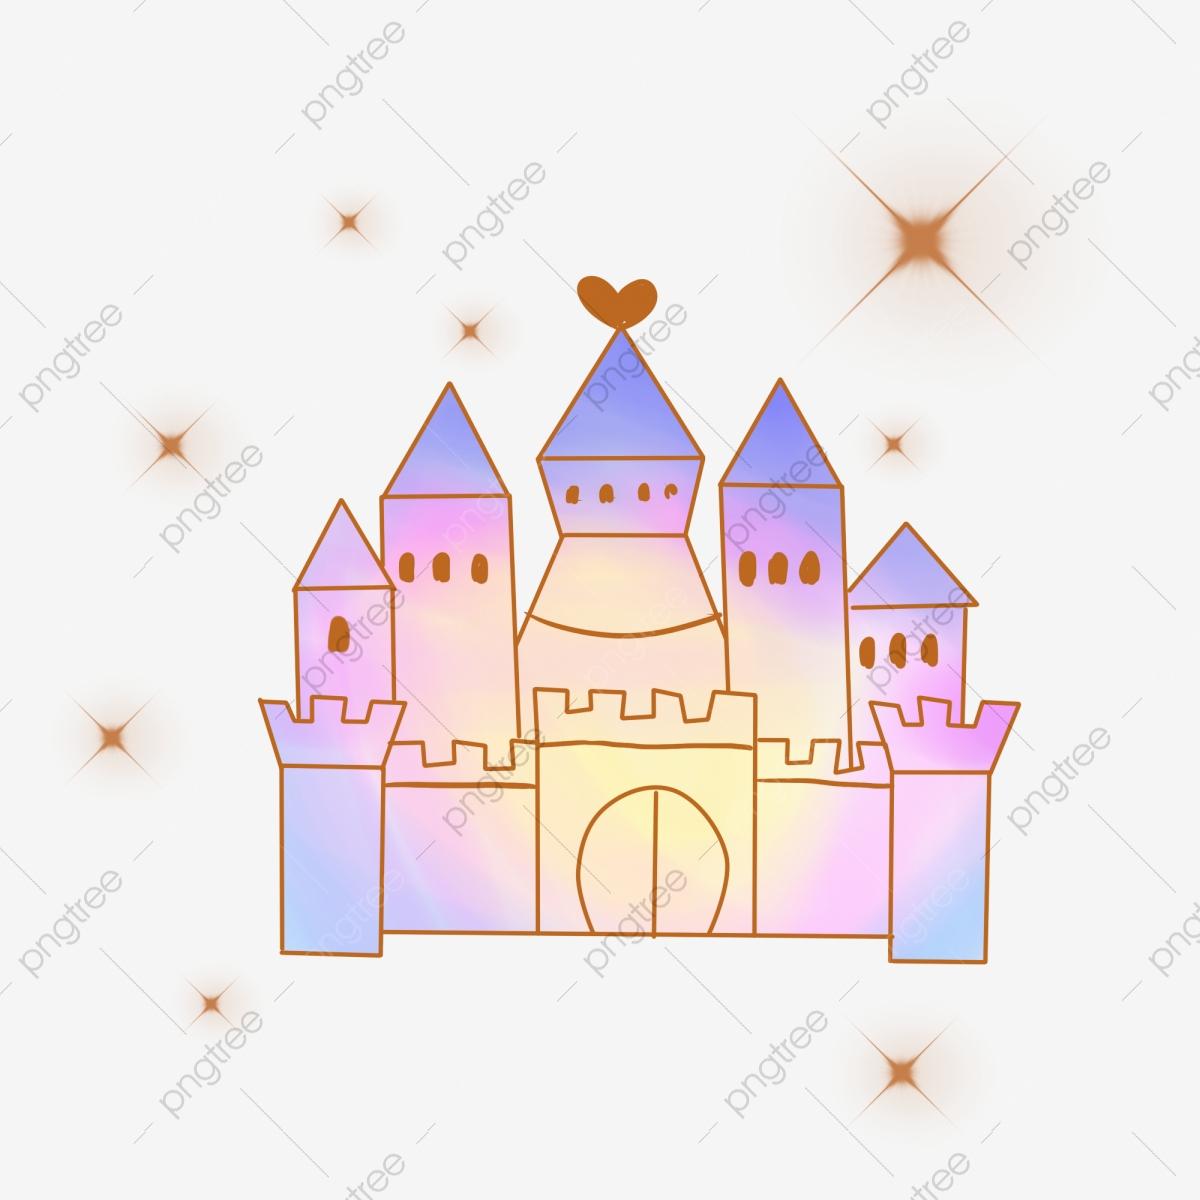 Petit Château De Rêve Petites Choses De Rêve Illustration Du concernant Dessin Chateau Princesse